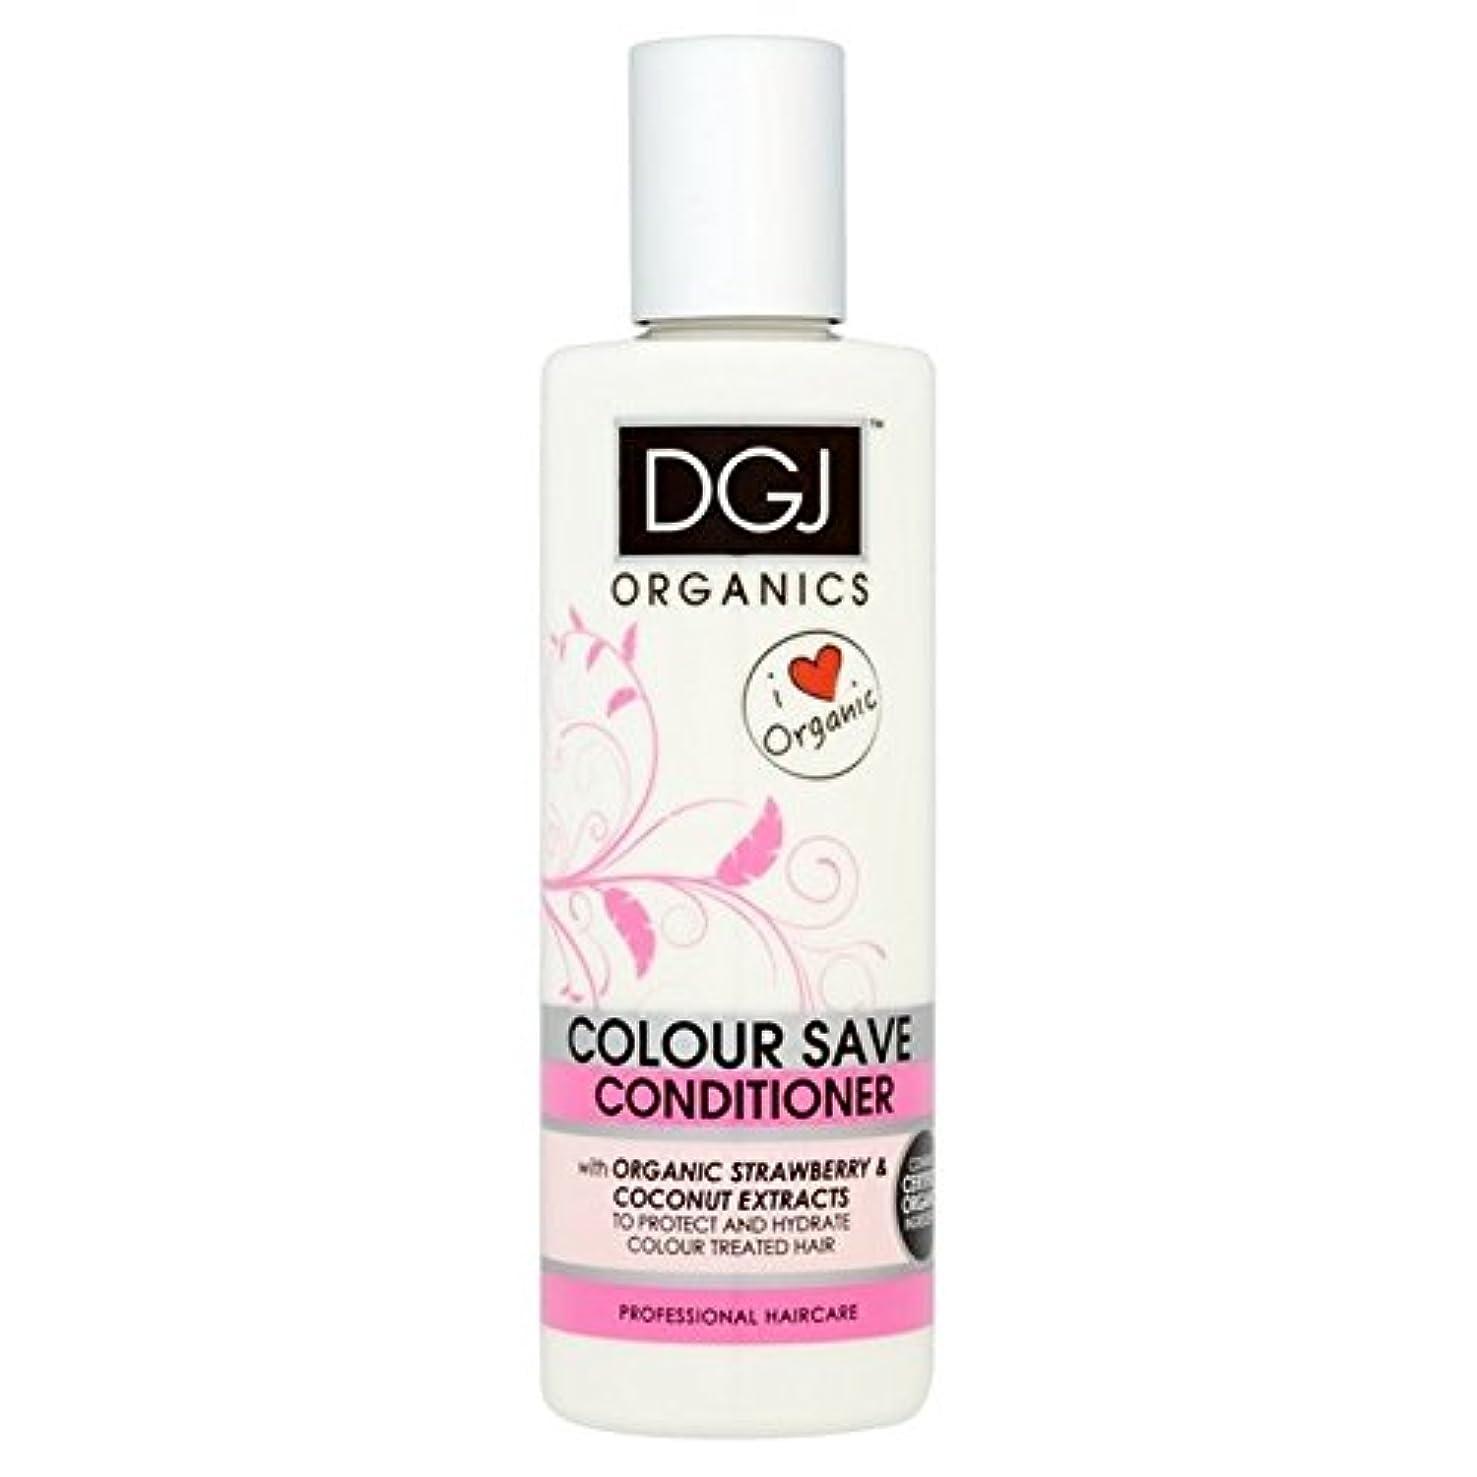 出来事棚中性有機物の色コンディショナー250を保存 x4 - DGJ Organics Colour Save Conditioner 250ml (Pack of 4) [並行輸入品]